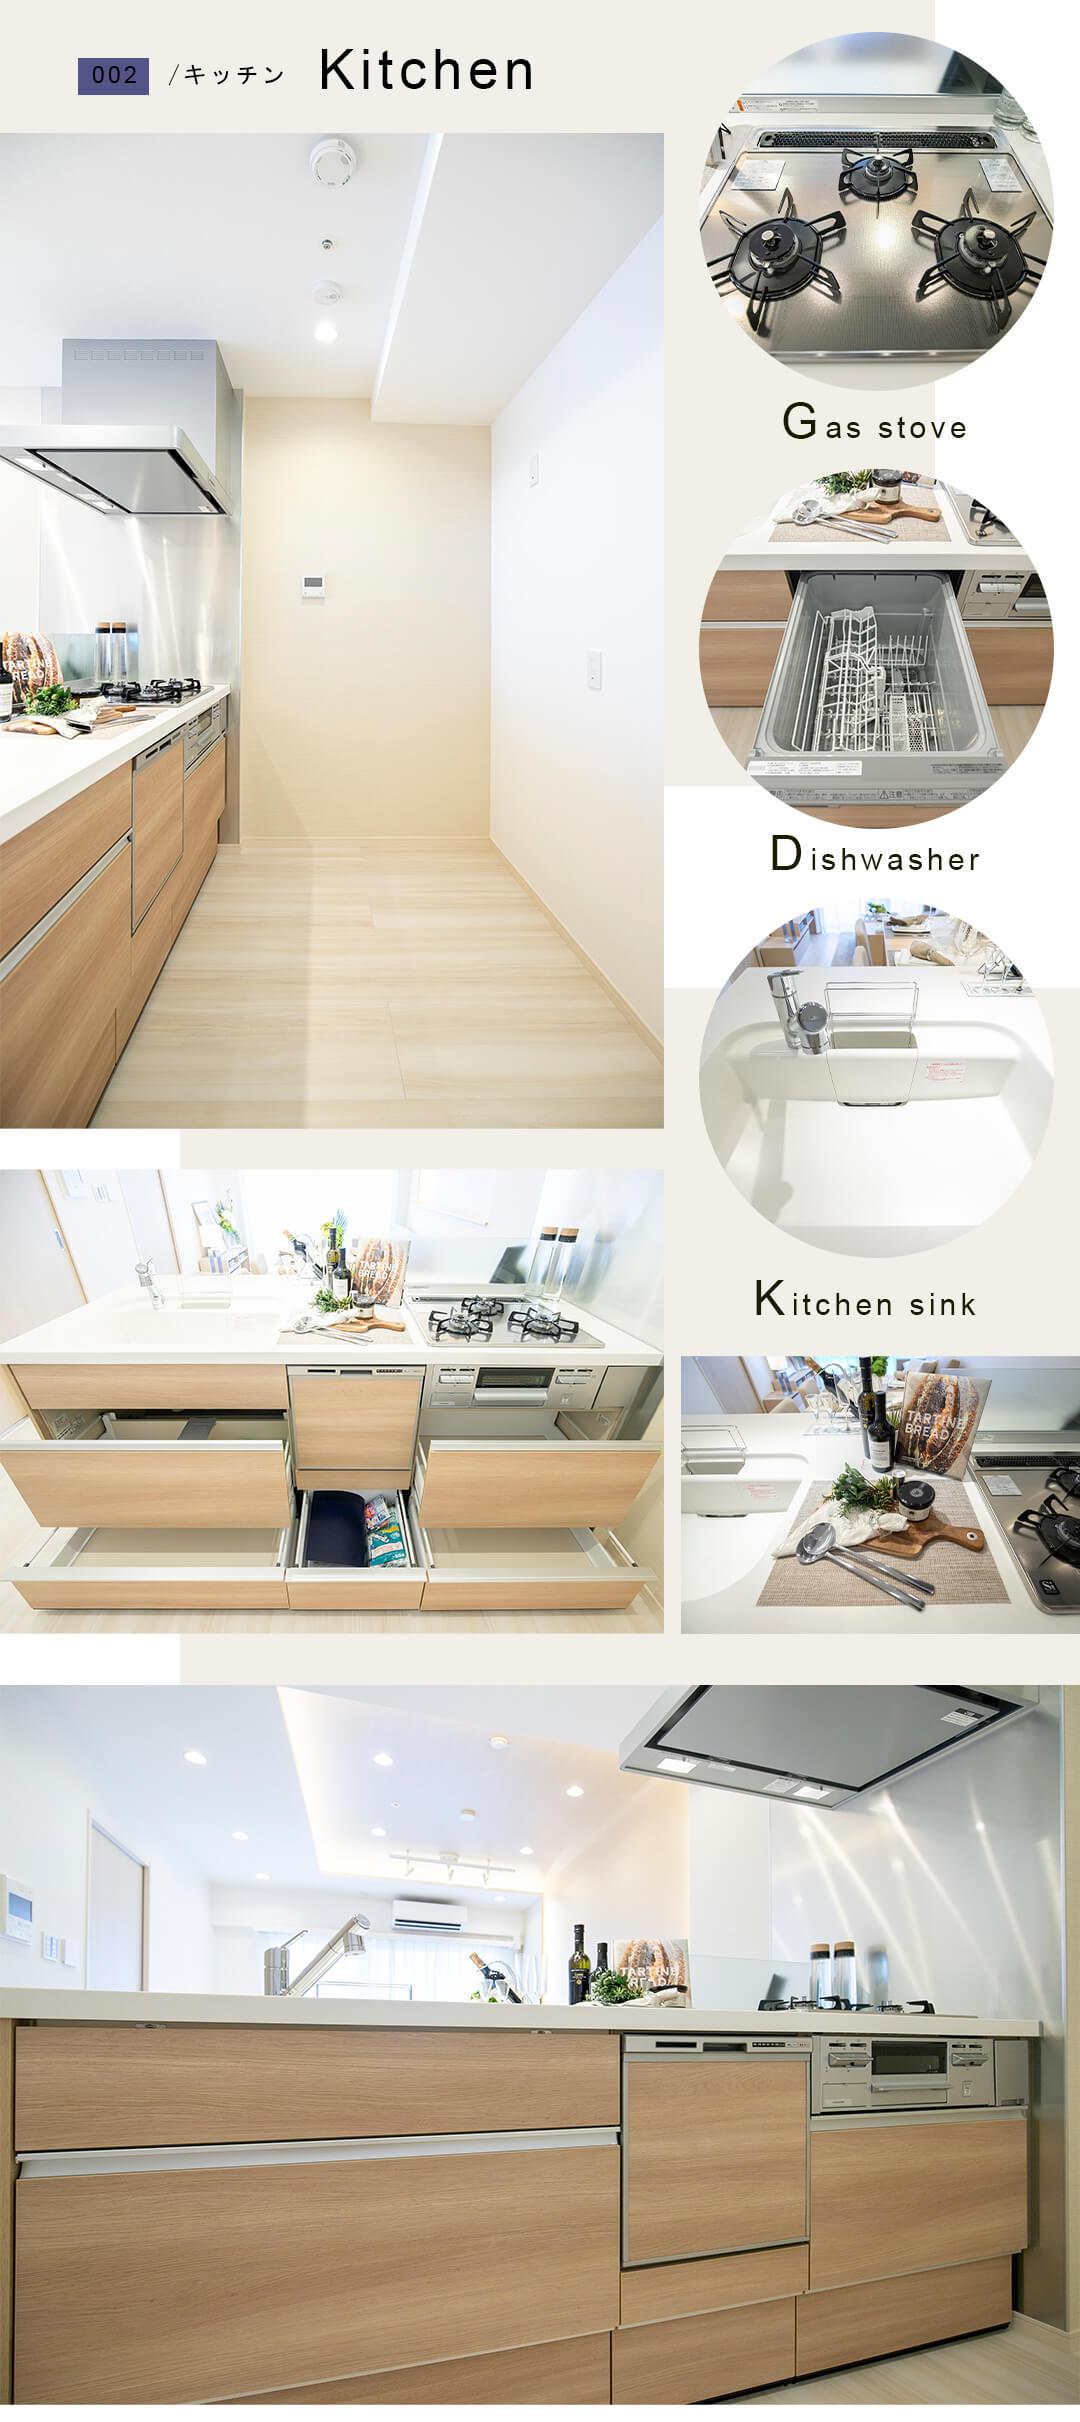 00キッチン,Kitchen